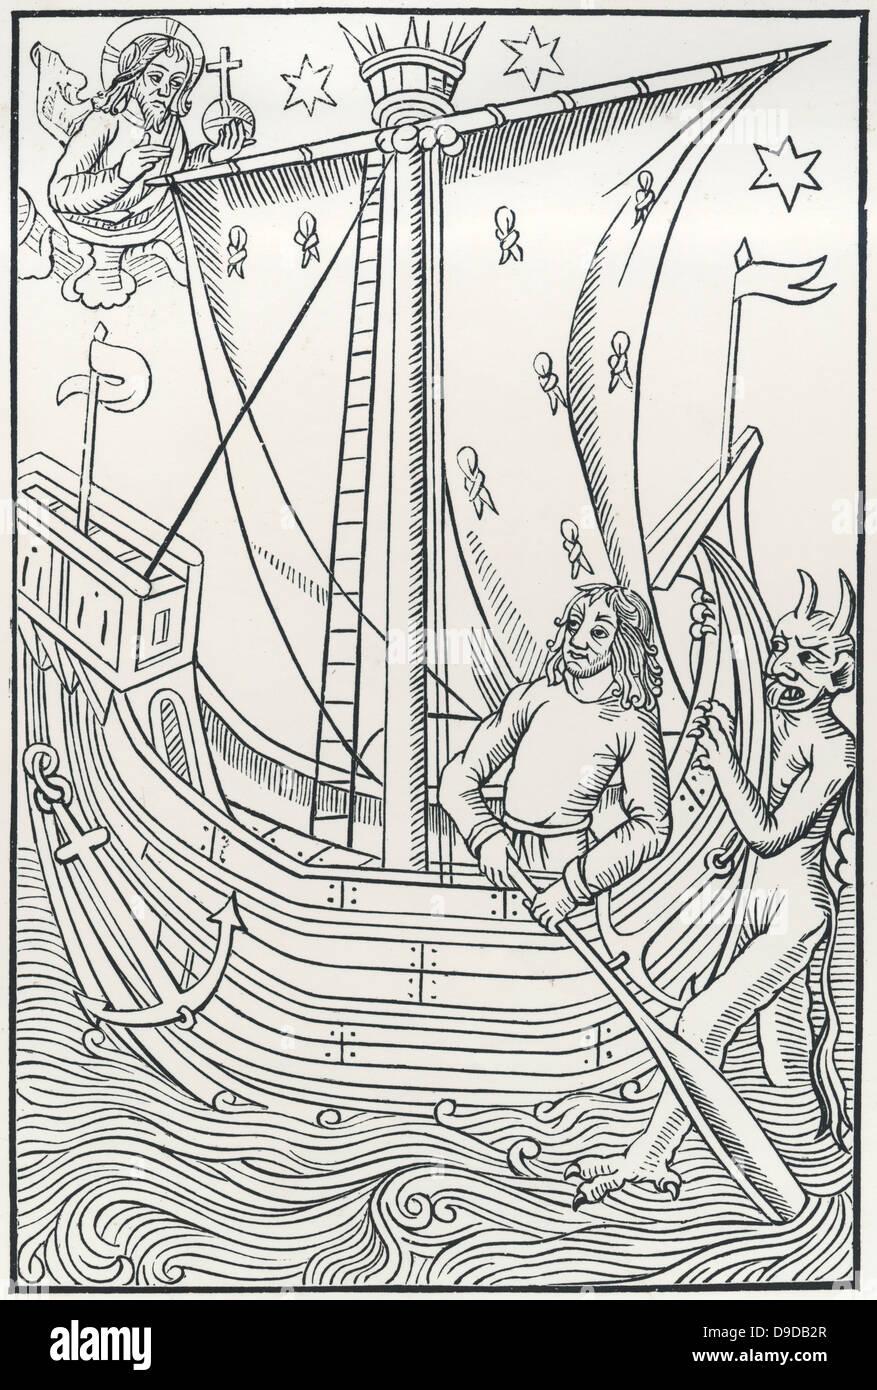 Der Teufel, der Steuermann eines Schiffes verlockend.  Holzschnitt aus einer frühen gedruckten Ausgabe von Stockbild